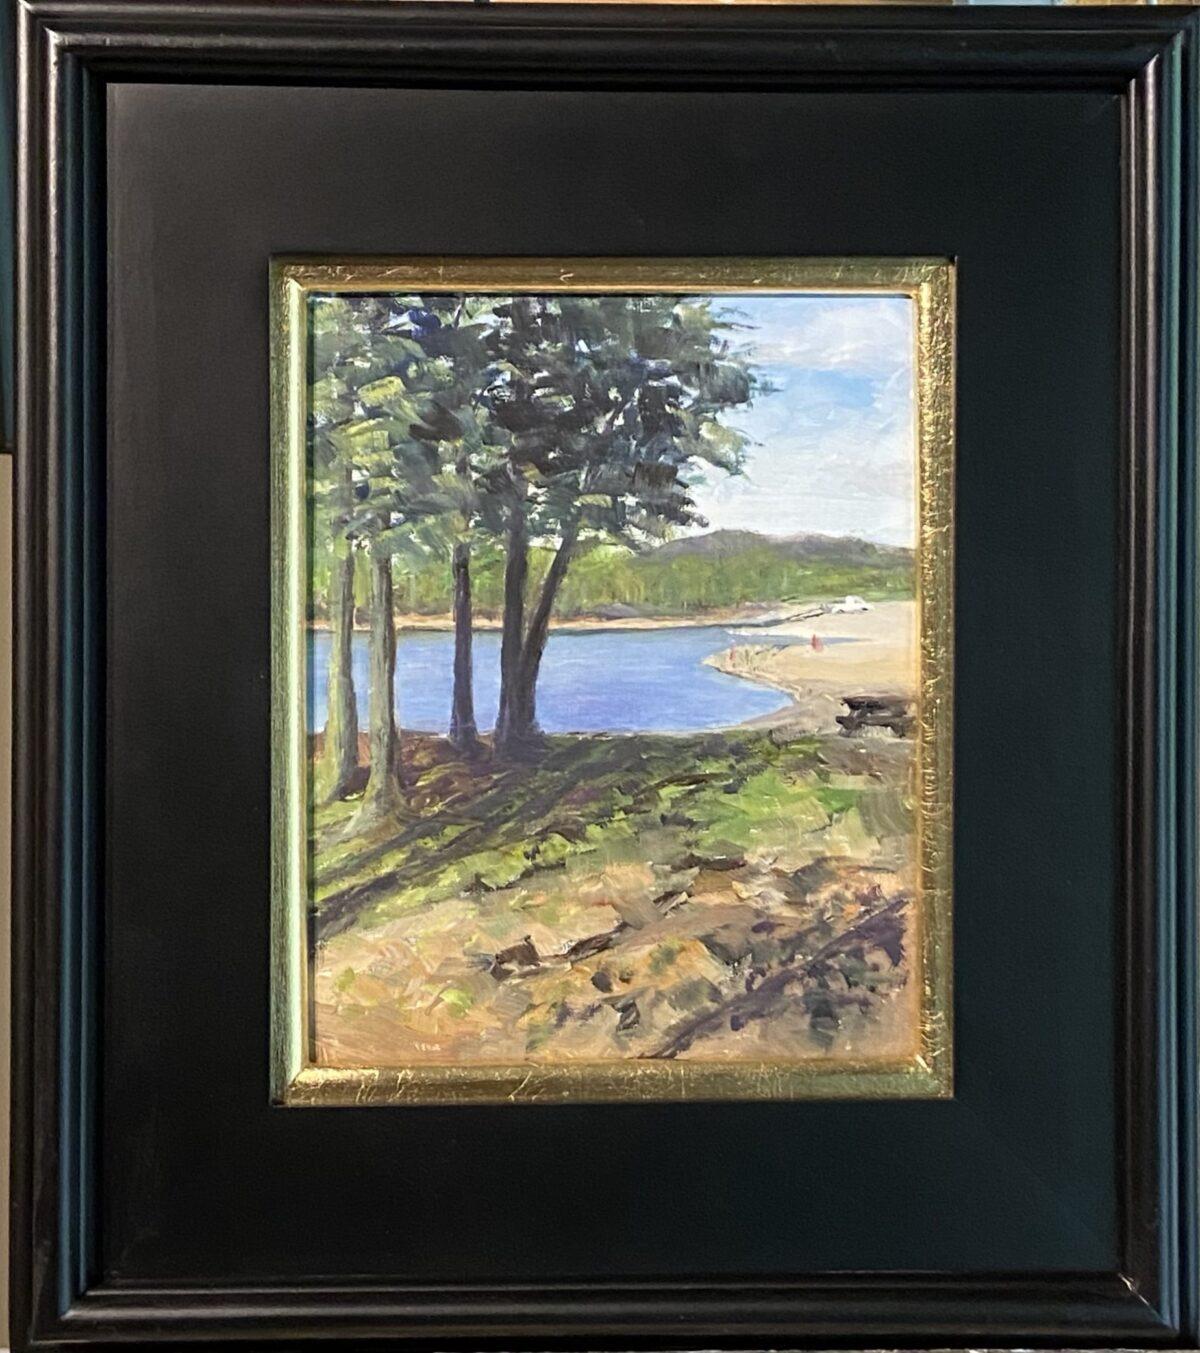 184 - Monroe at Paynetown - 9 x 12 - Landscape - $150